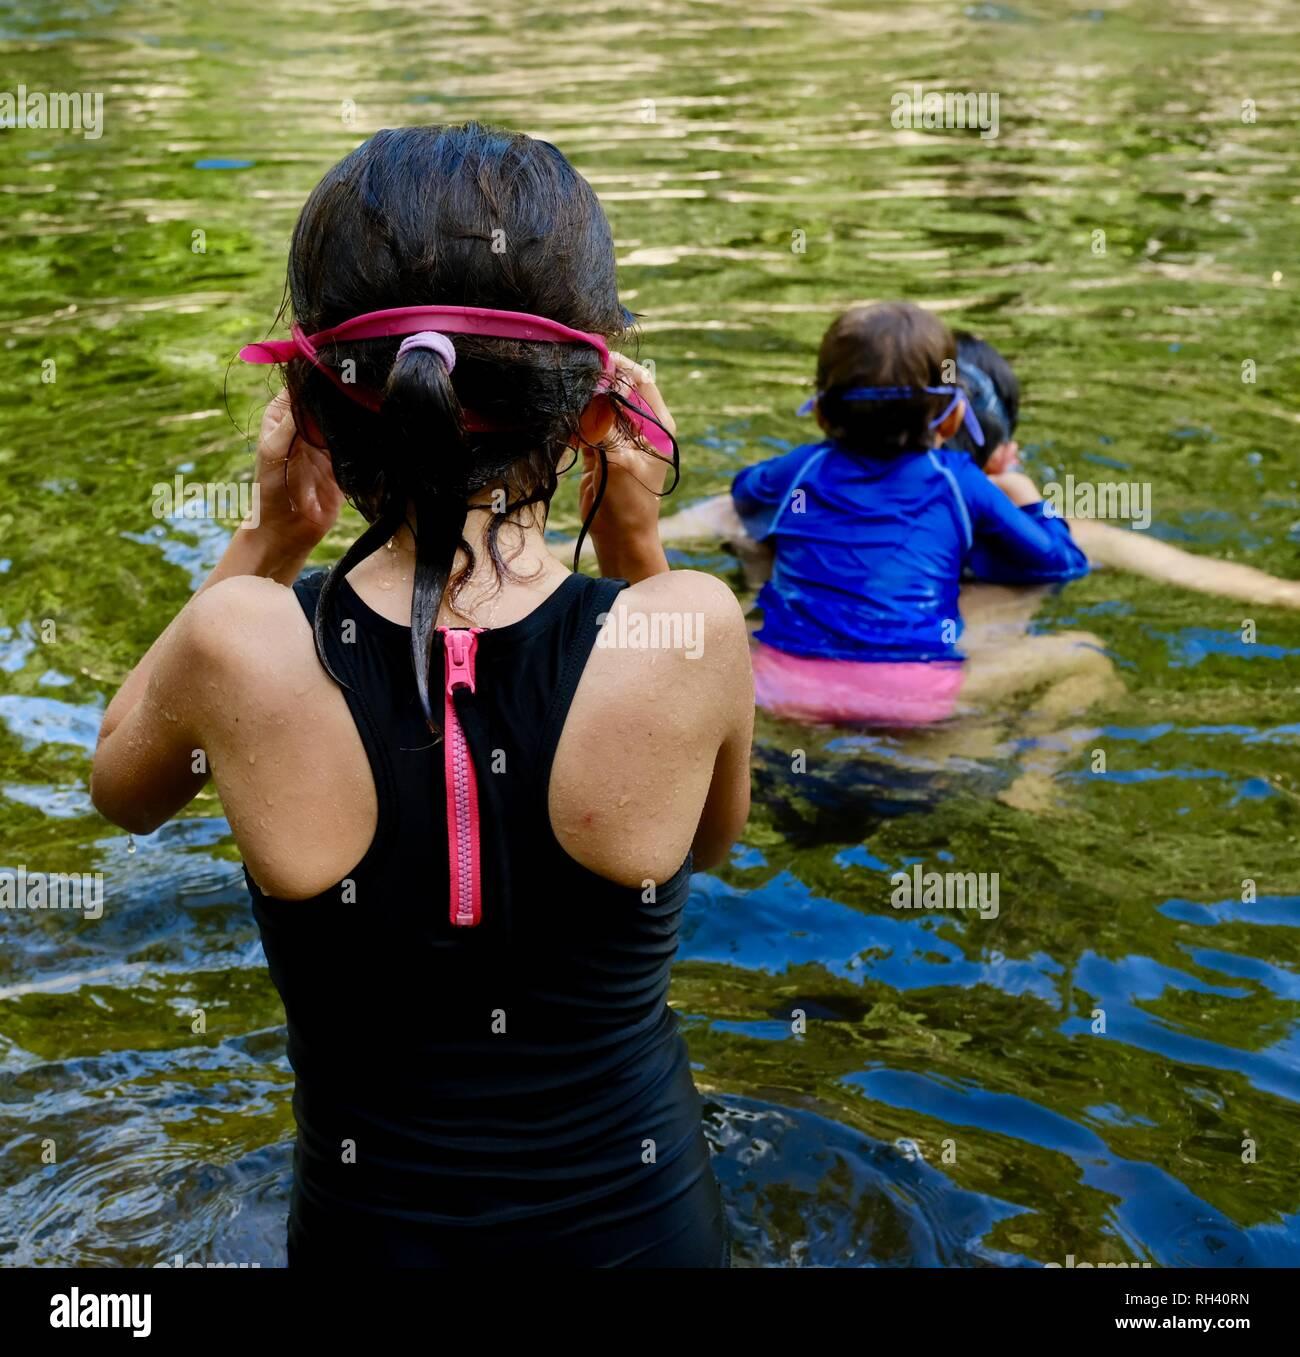 Mutter schwimmen mit Tochter auf dem Rücken, Finch Hatton, Queensland, 4756, Australien Stockfoto